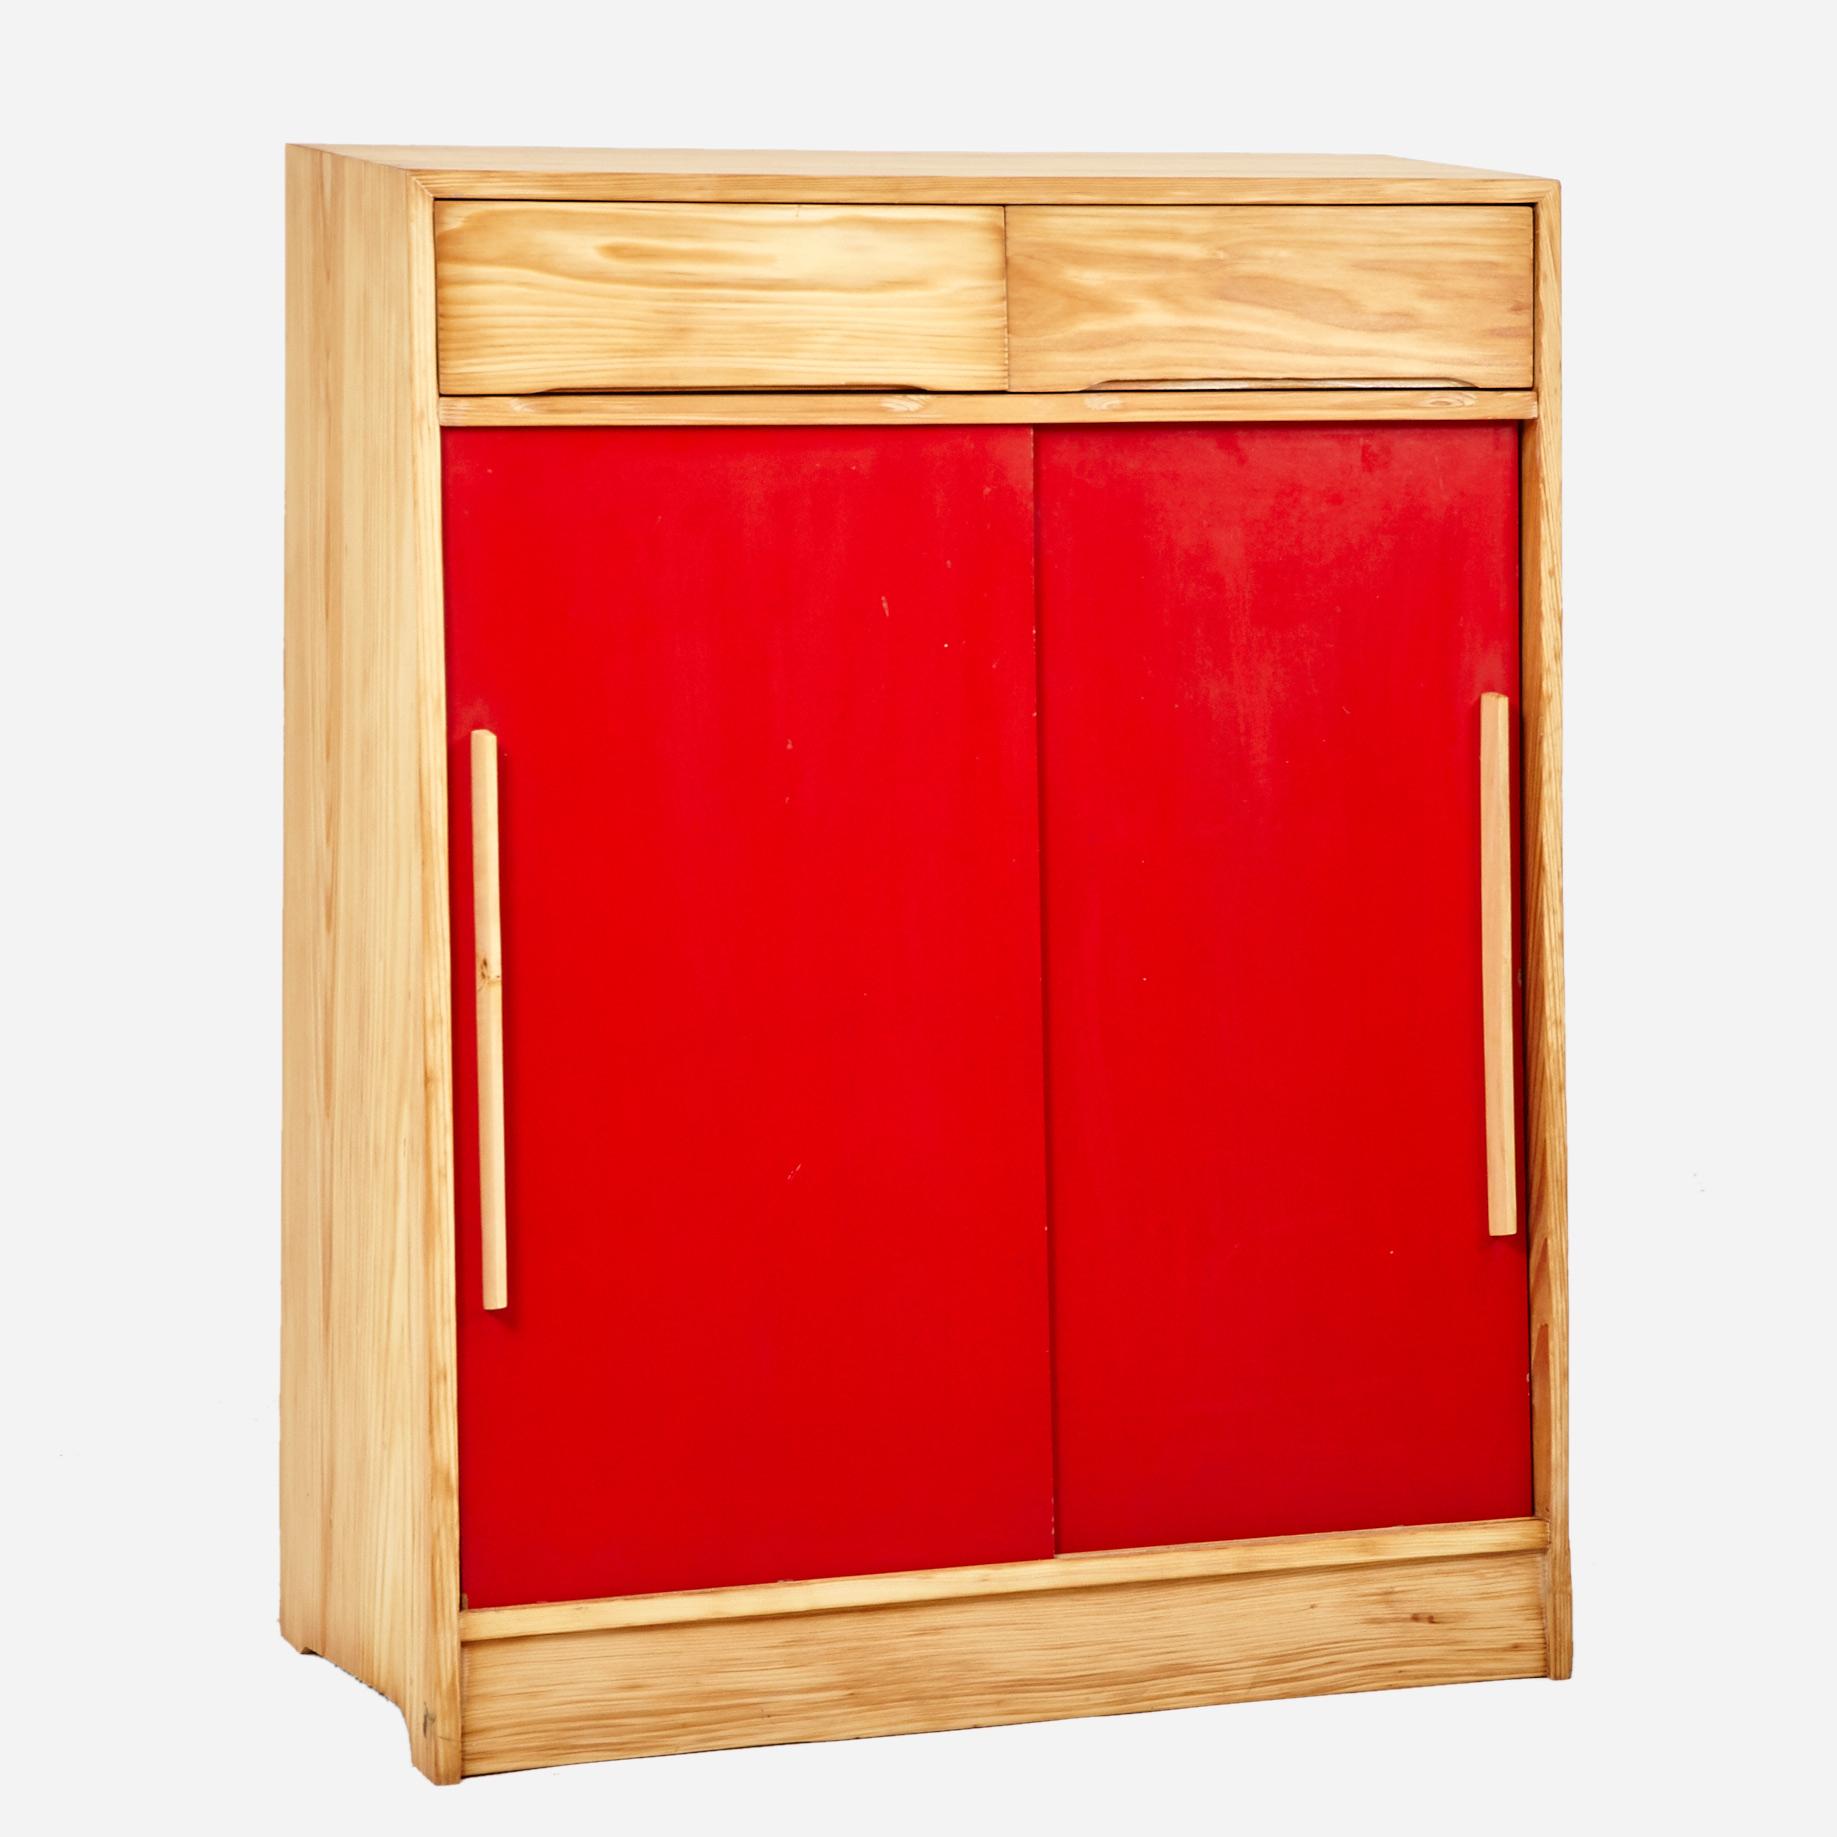 schiebeschrank mit schuhablagen komplett geschliffen ge lt m bel z rich vintagem bel. Black Bedroom Furniture Sets. Home Design Ideas